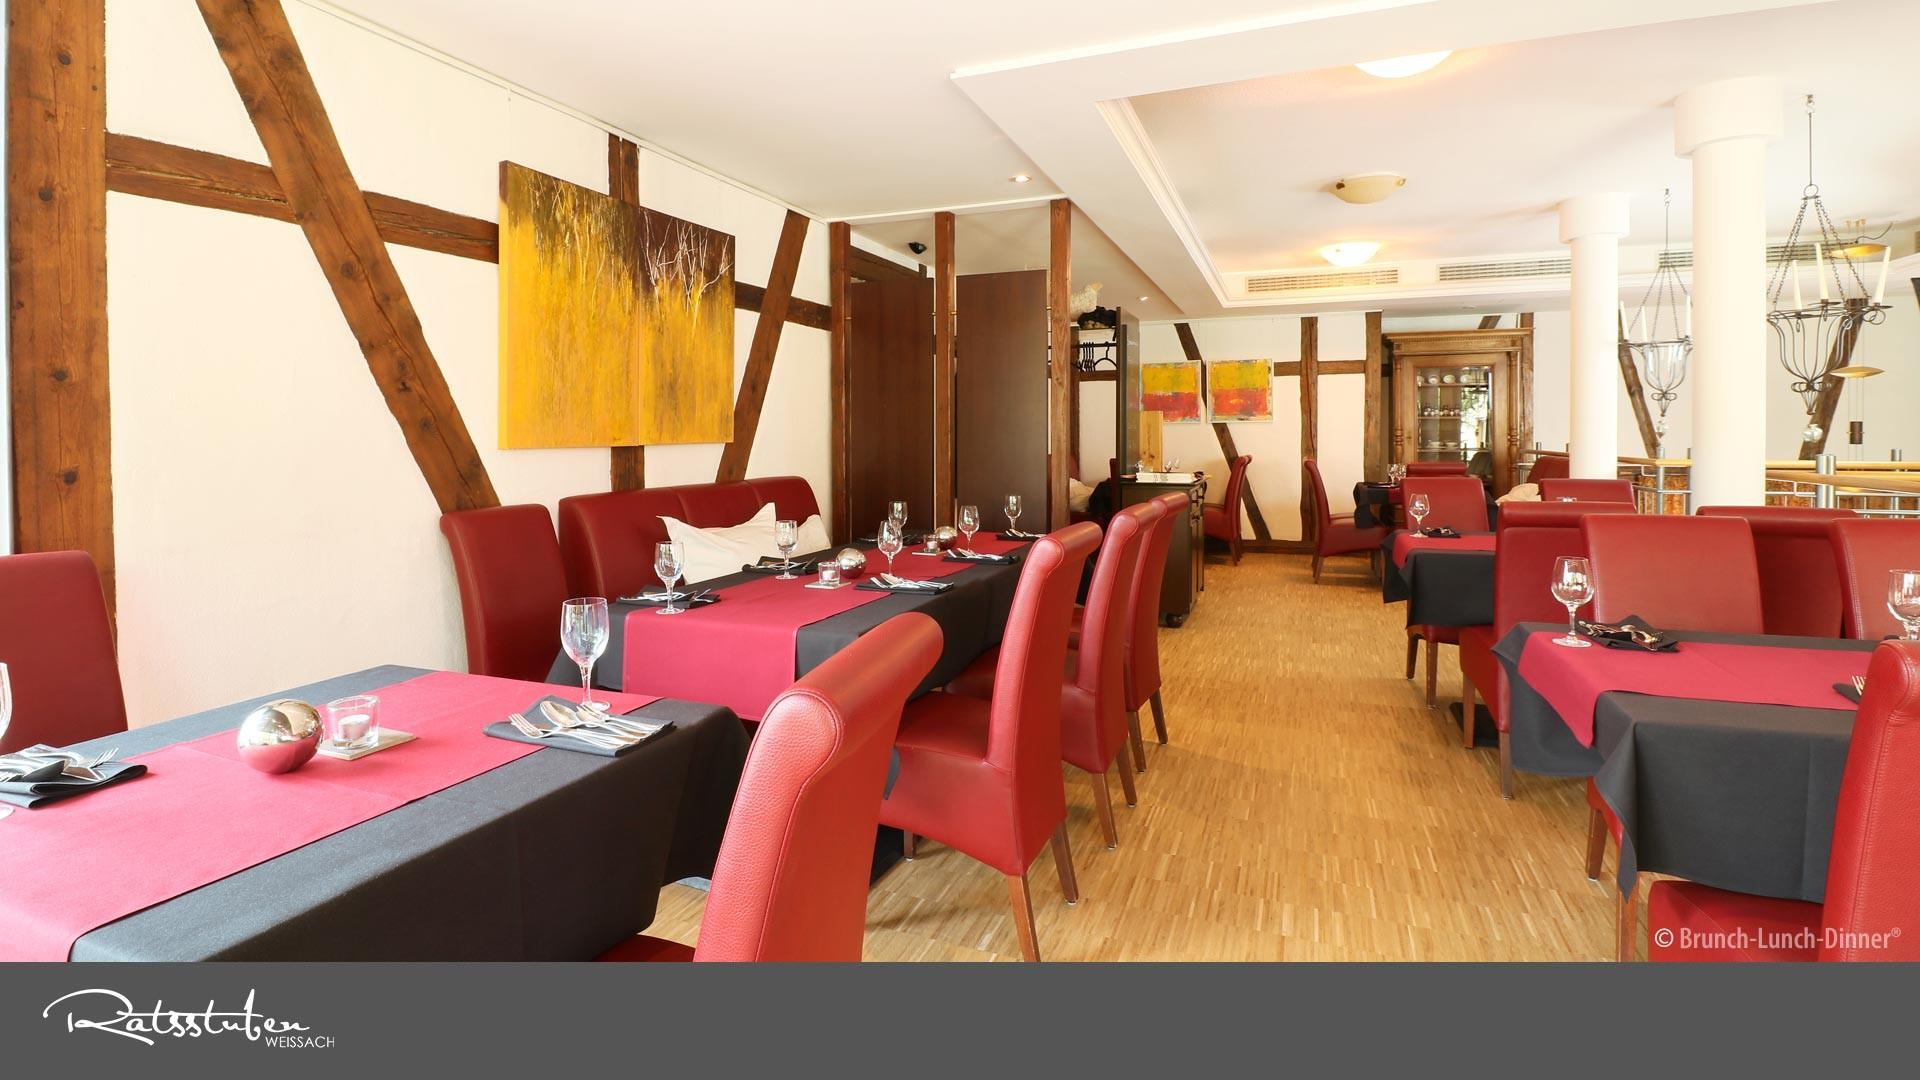 Ratsstuben Weissach: Ein offener Gastraum mit Empore und vielen gemütlichen Nischen laden zum Verweilen ein!